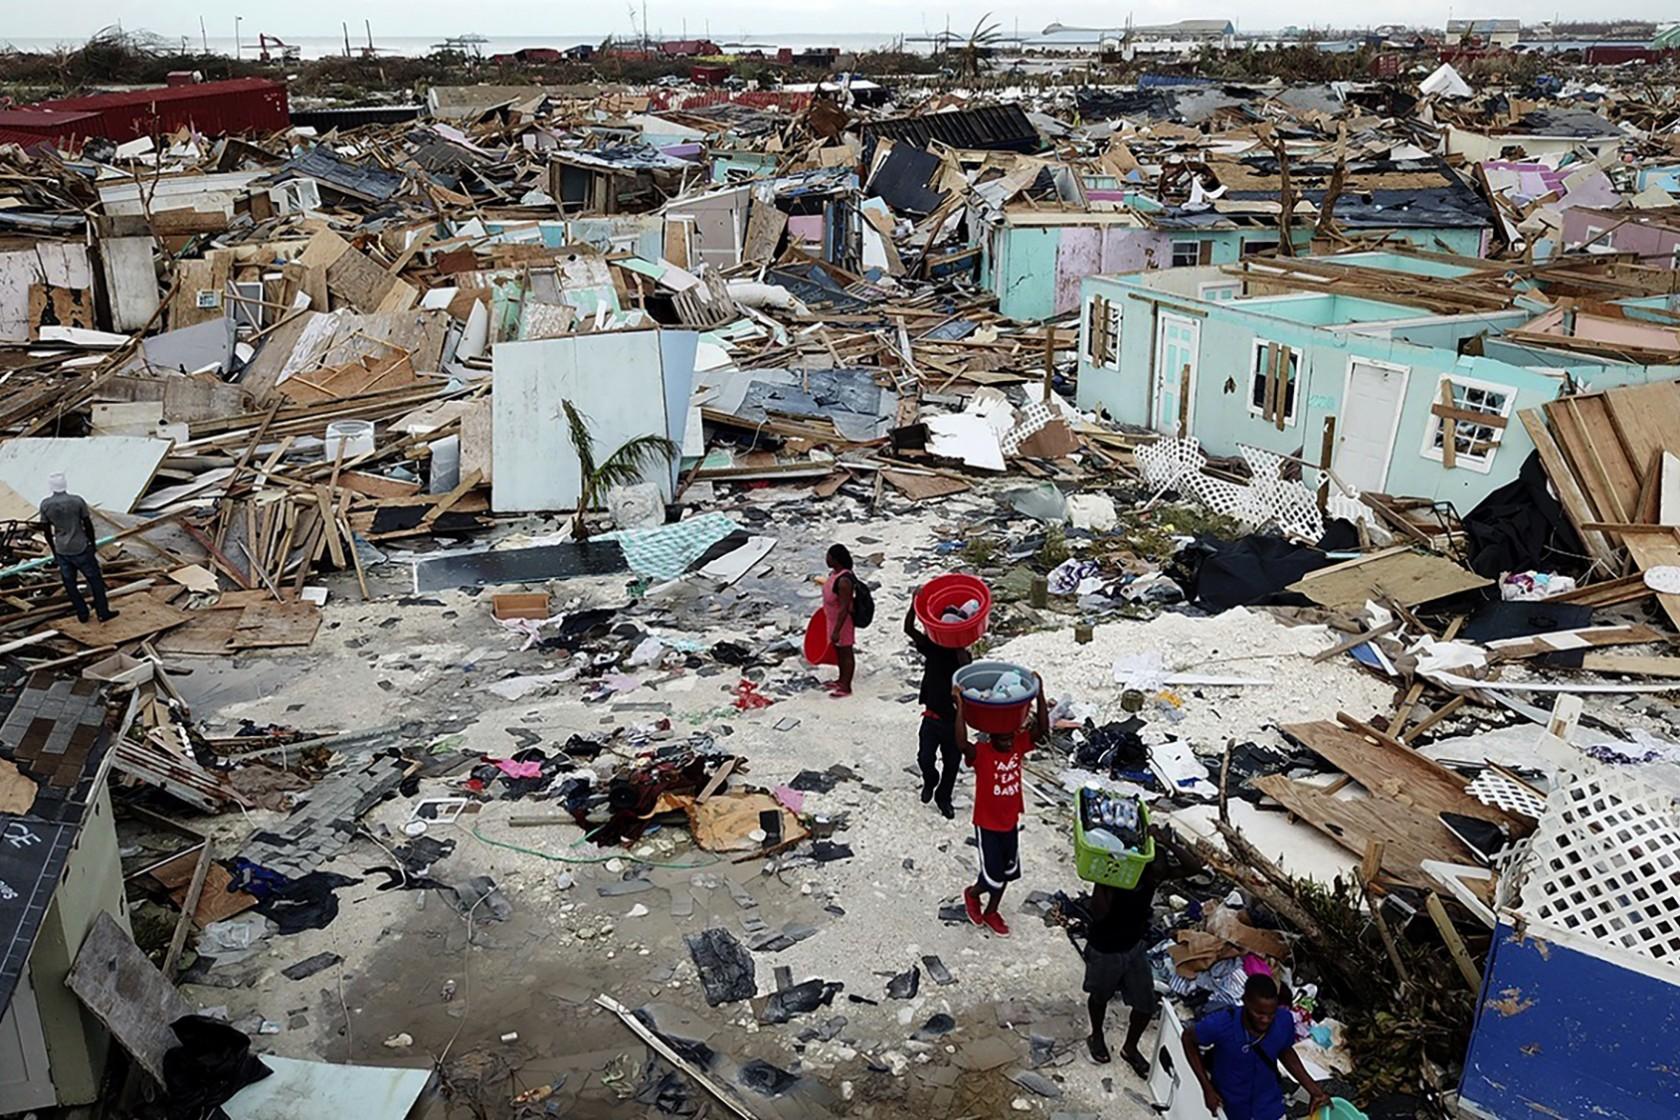 Le Bahamas devastate dall'uragano. Ma può accadere ovunque...